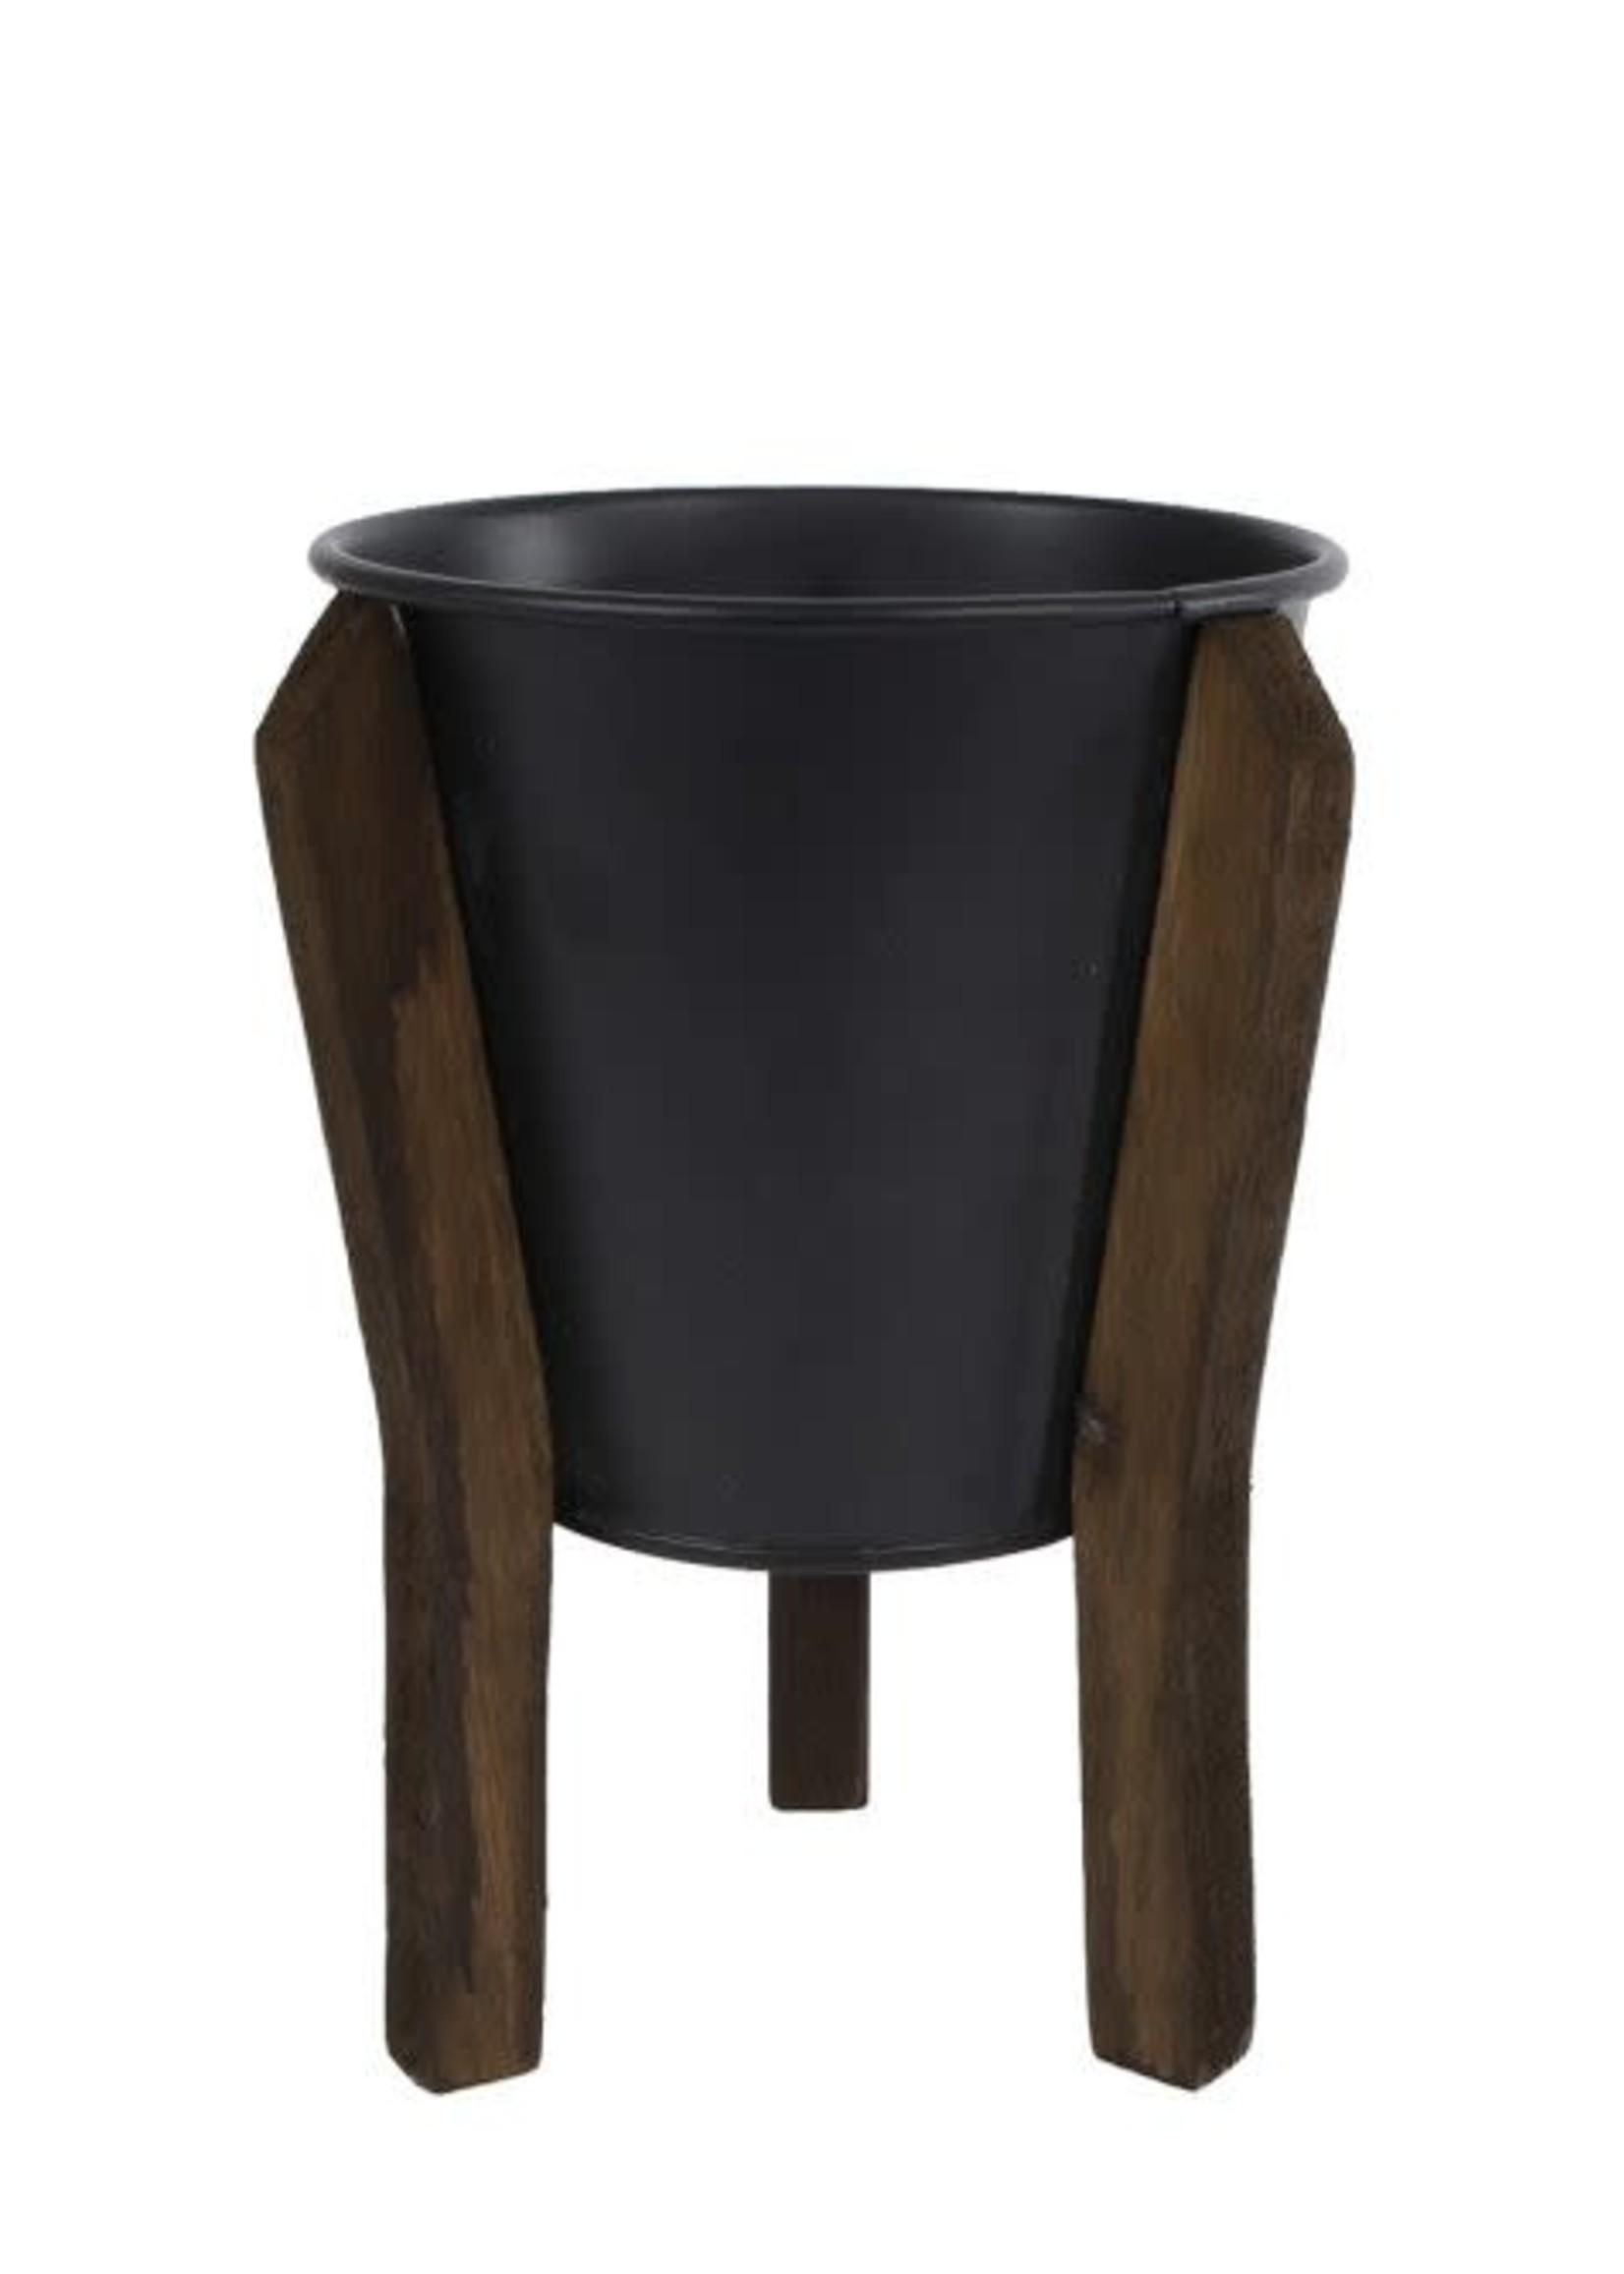 BloempotJan S zwart metaal pot 10,5 12x12x17cm